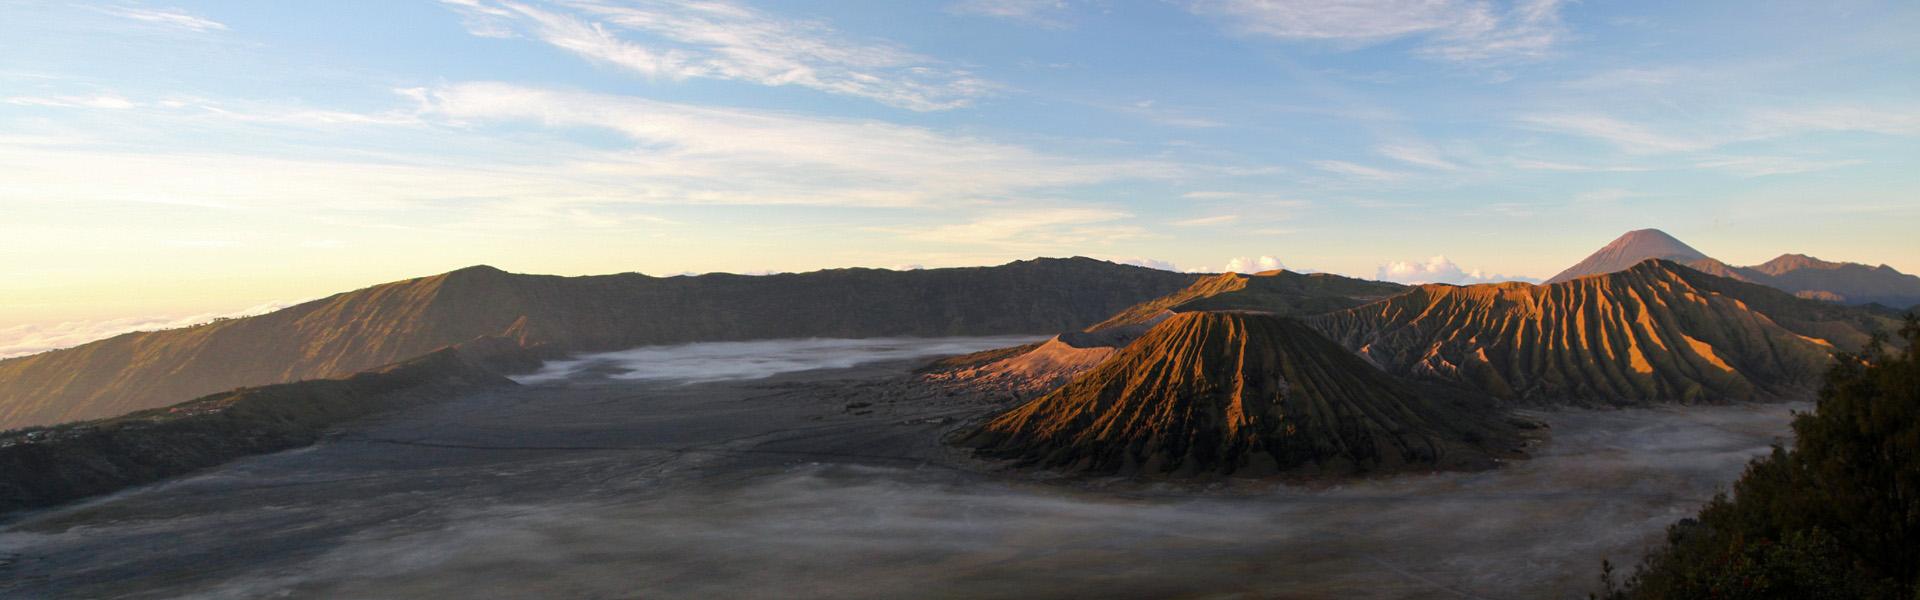 Sunrise over Mt Bromo crater, Mt Semeru in background